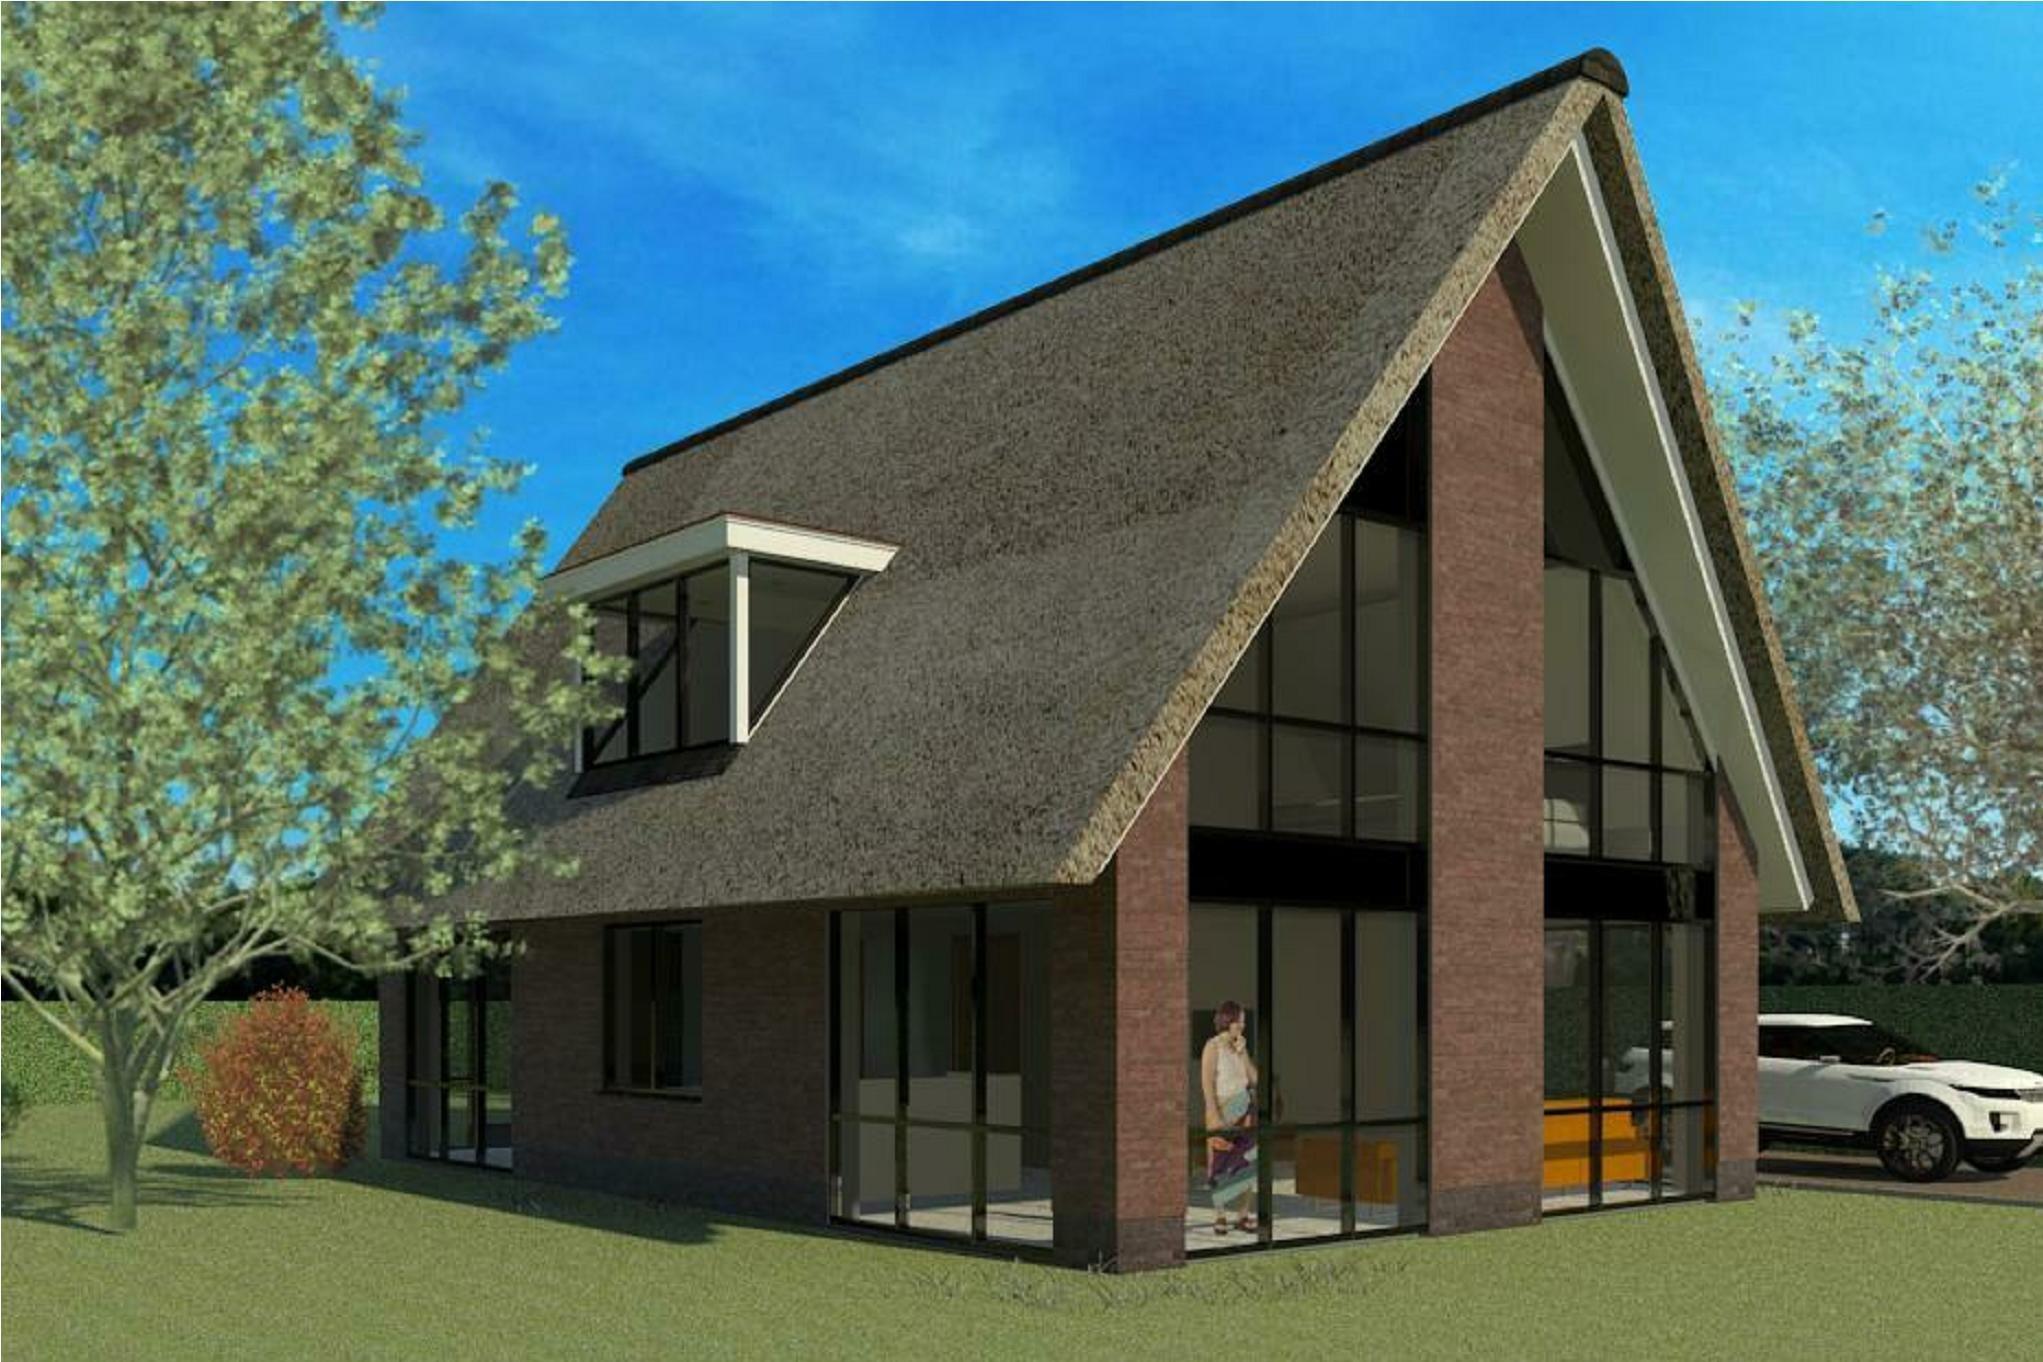 Moderne schuur woning met dak van riet architectuur for Huizen architectuur